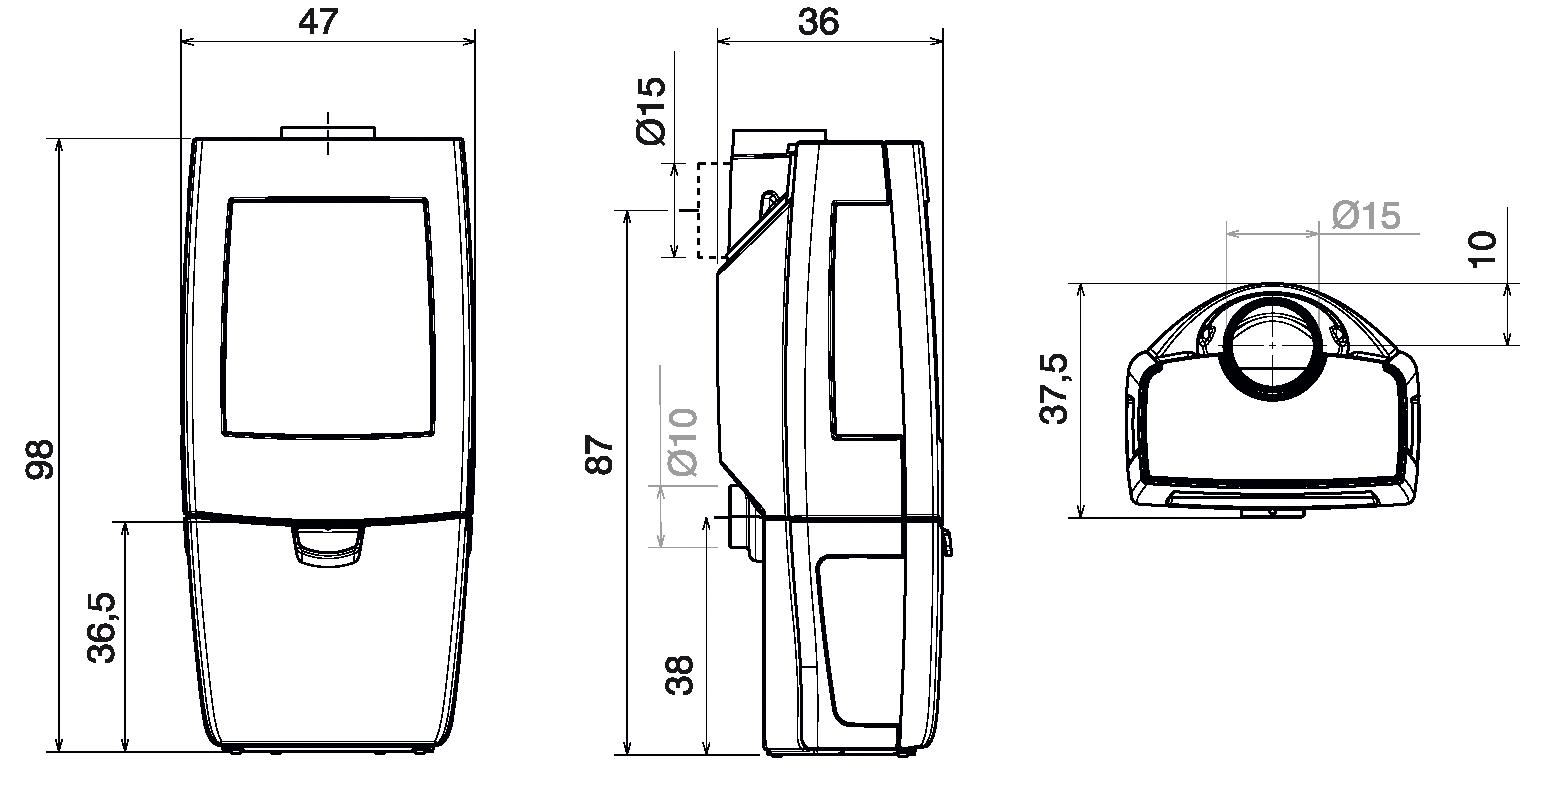 Shéma et dimension du poêle à bois Kiano 4